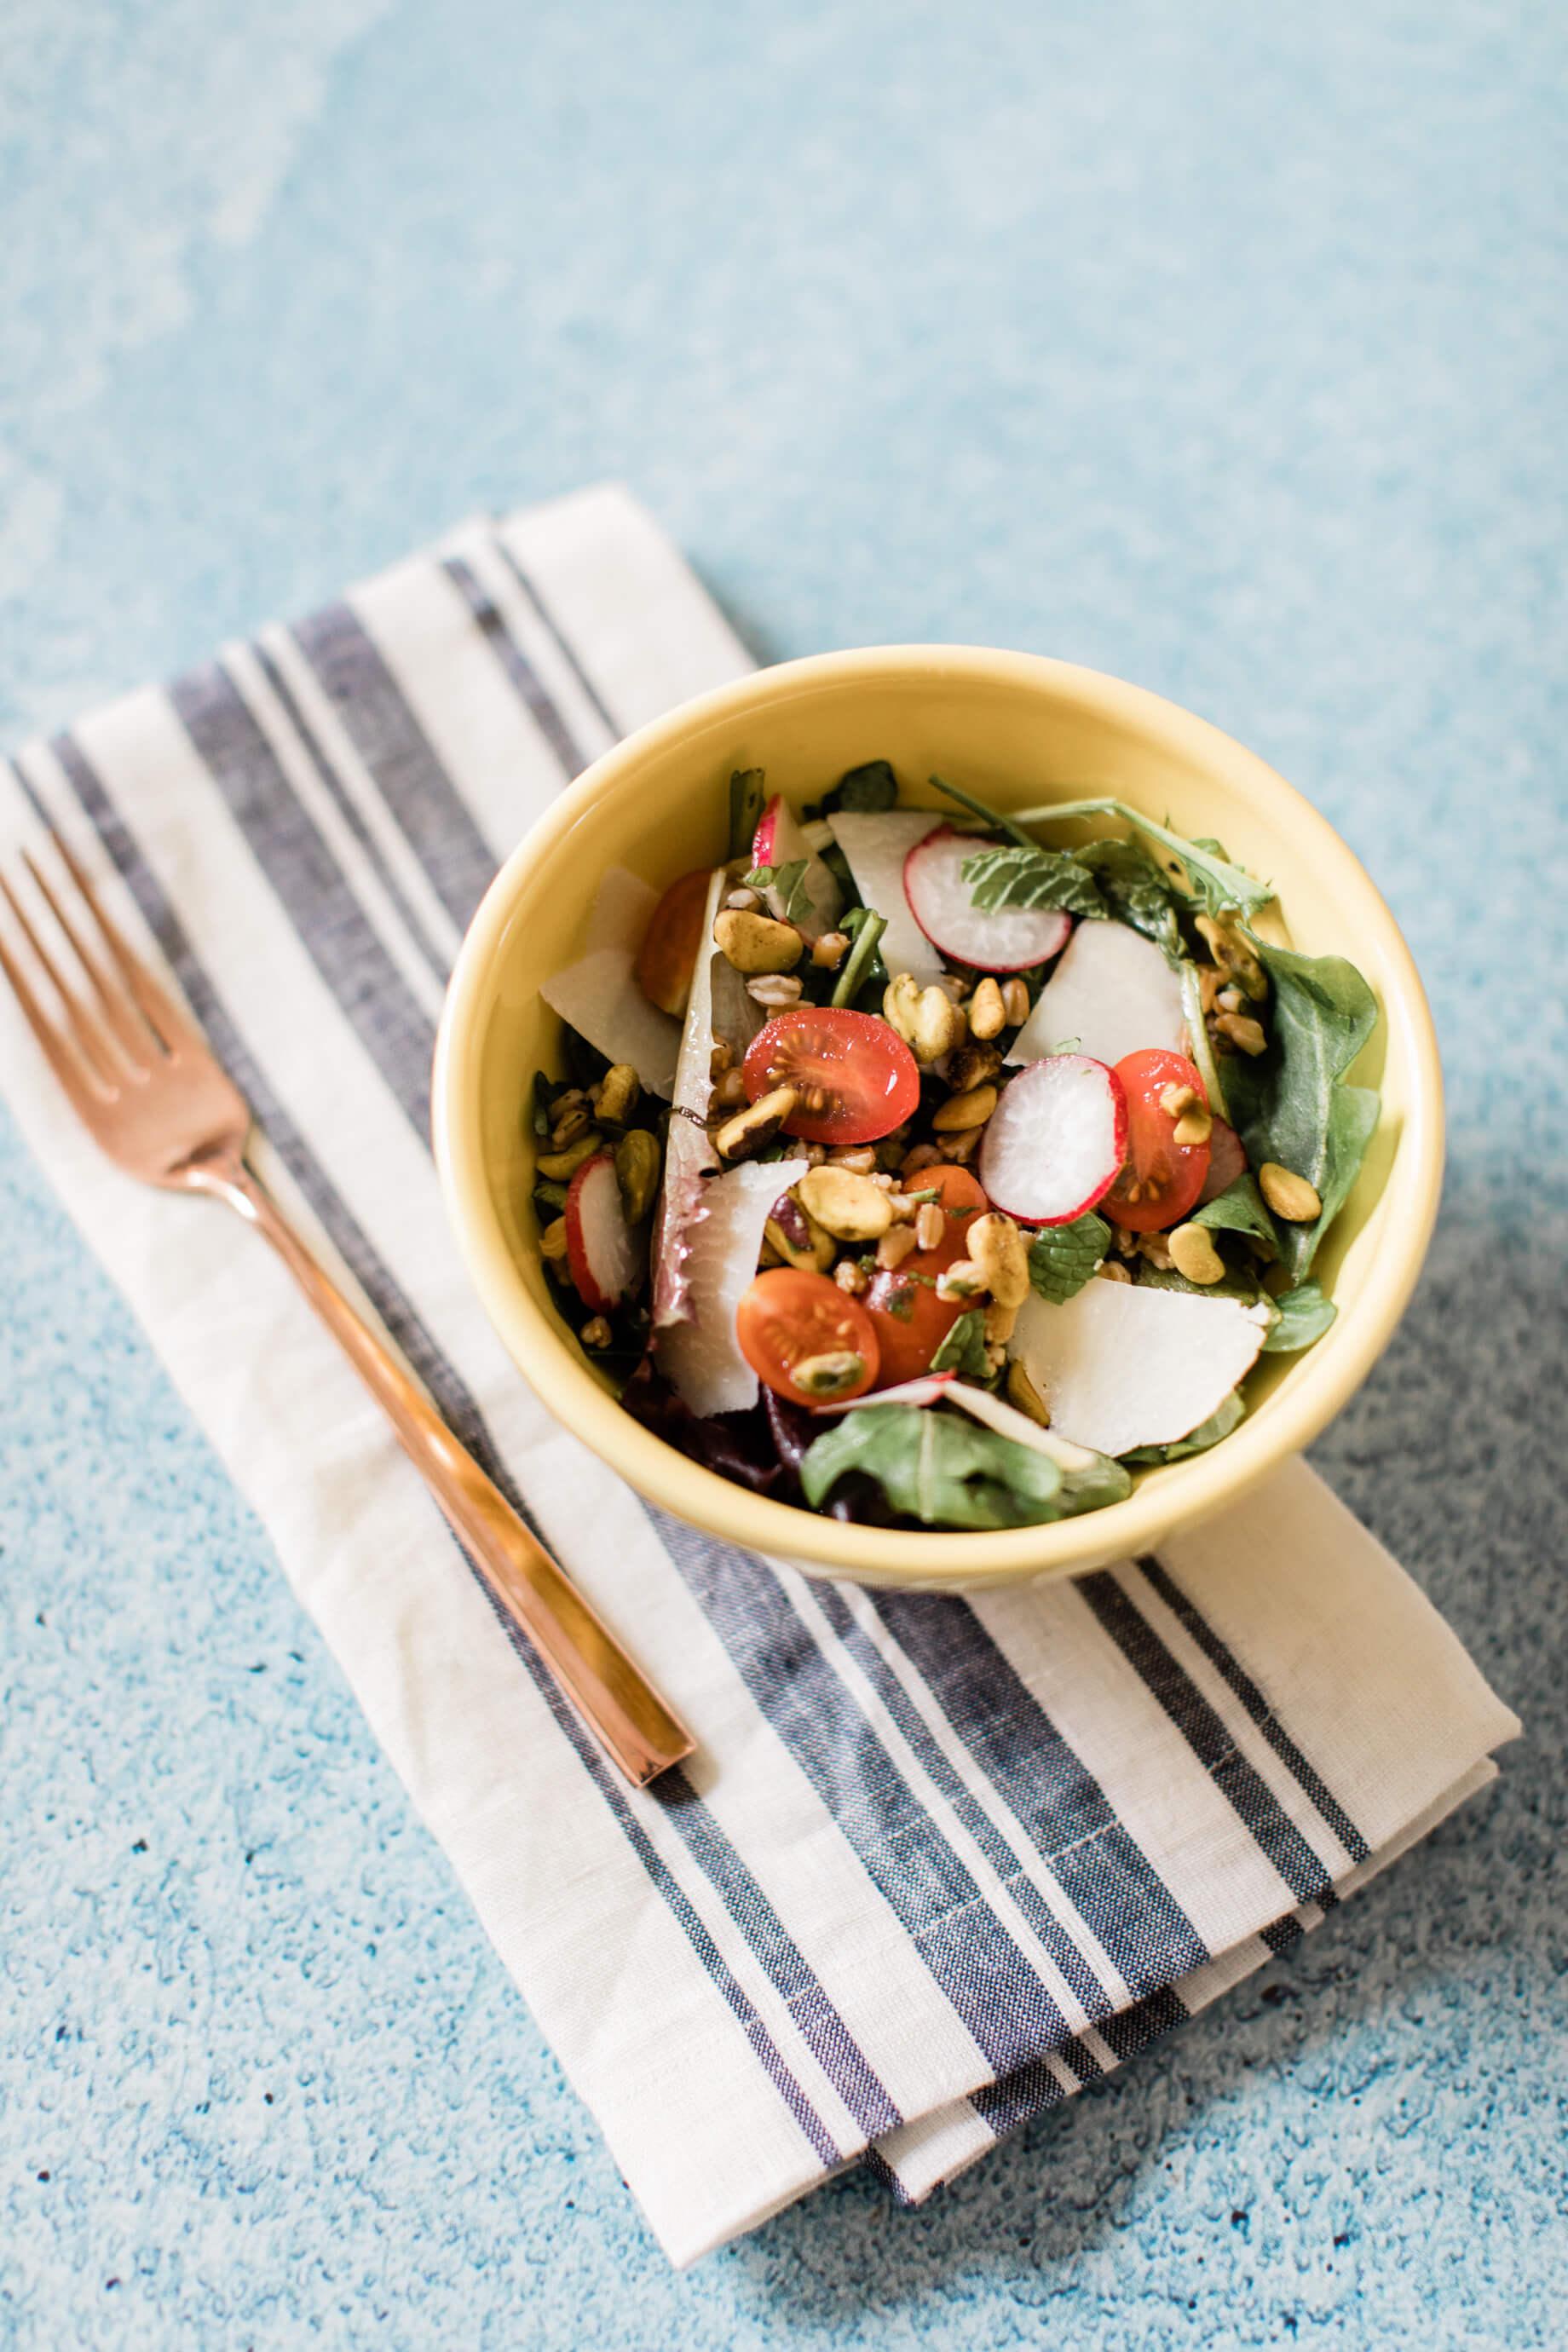 Healthy Lunch ideas! - M Loves M @marmar